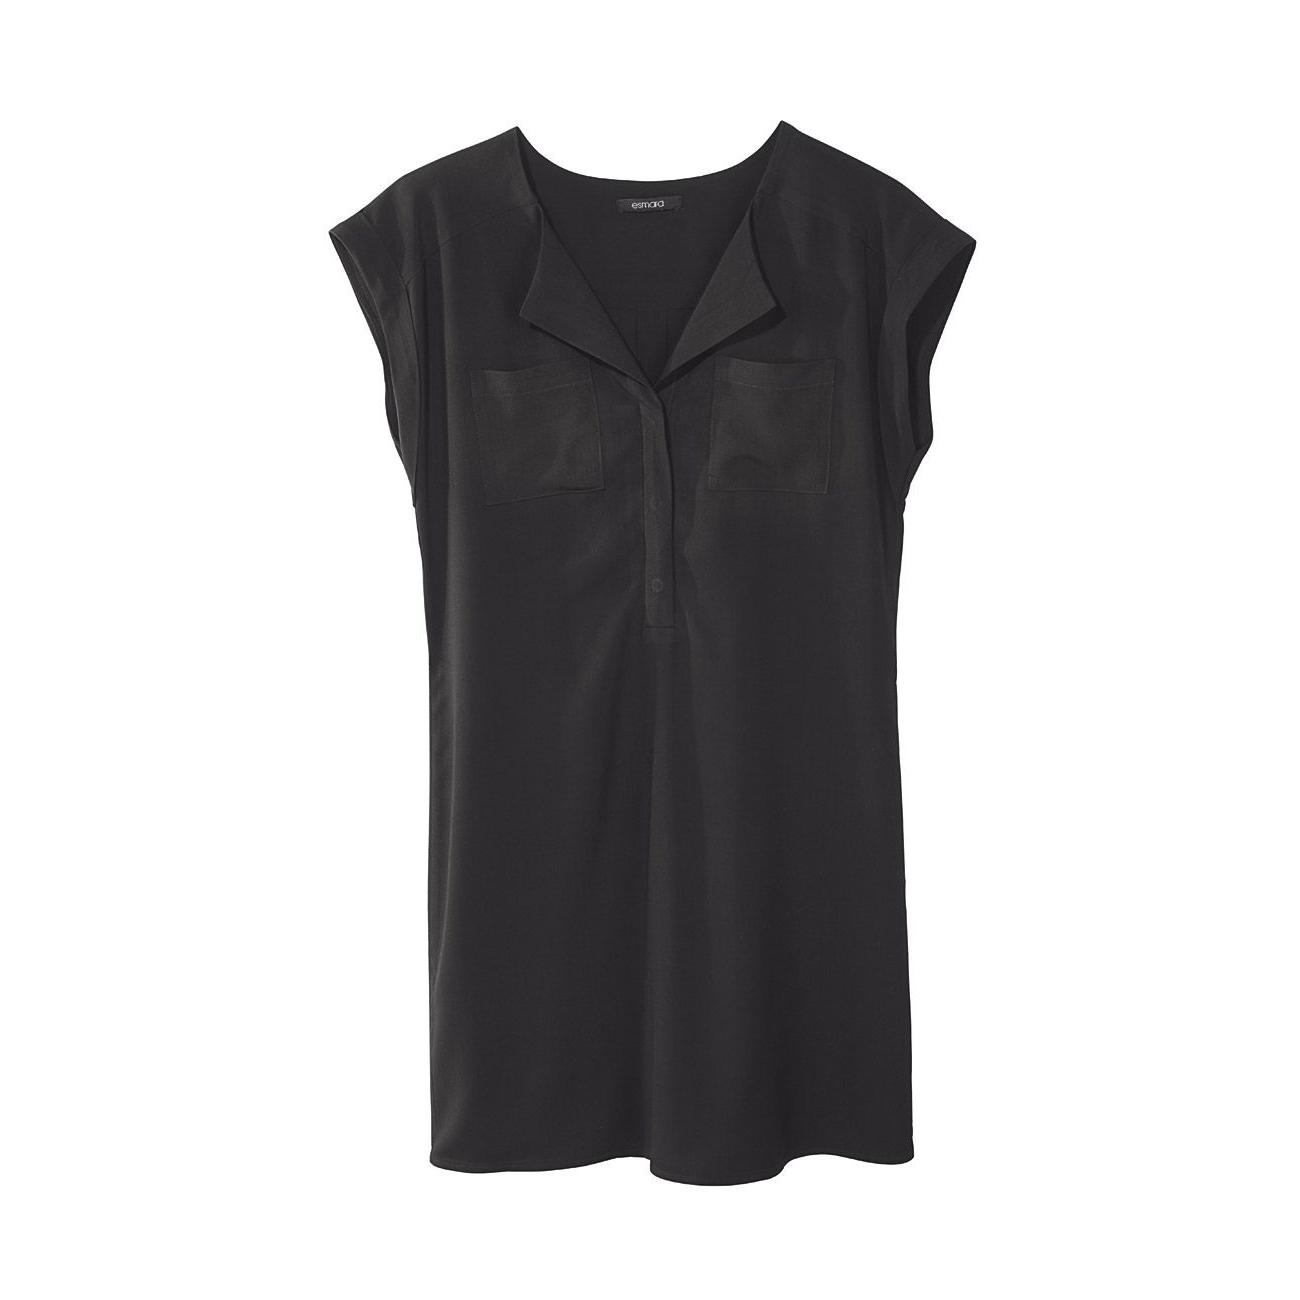 پیراهن زنانه اسمارا کد mesbp011